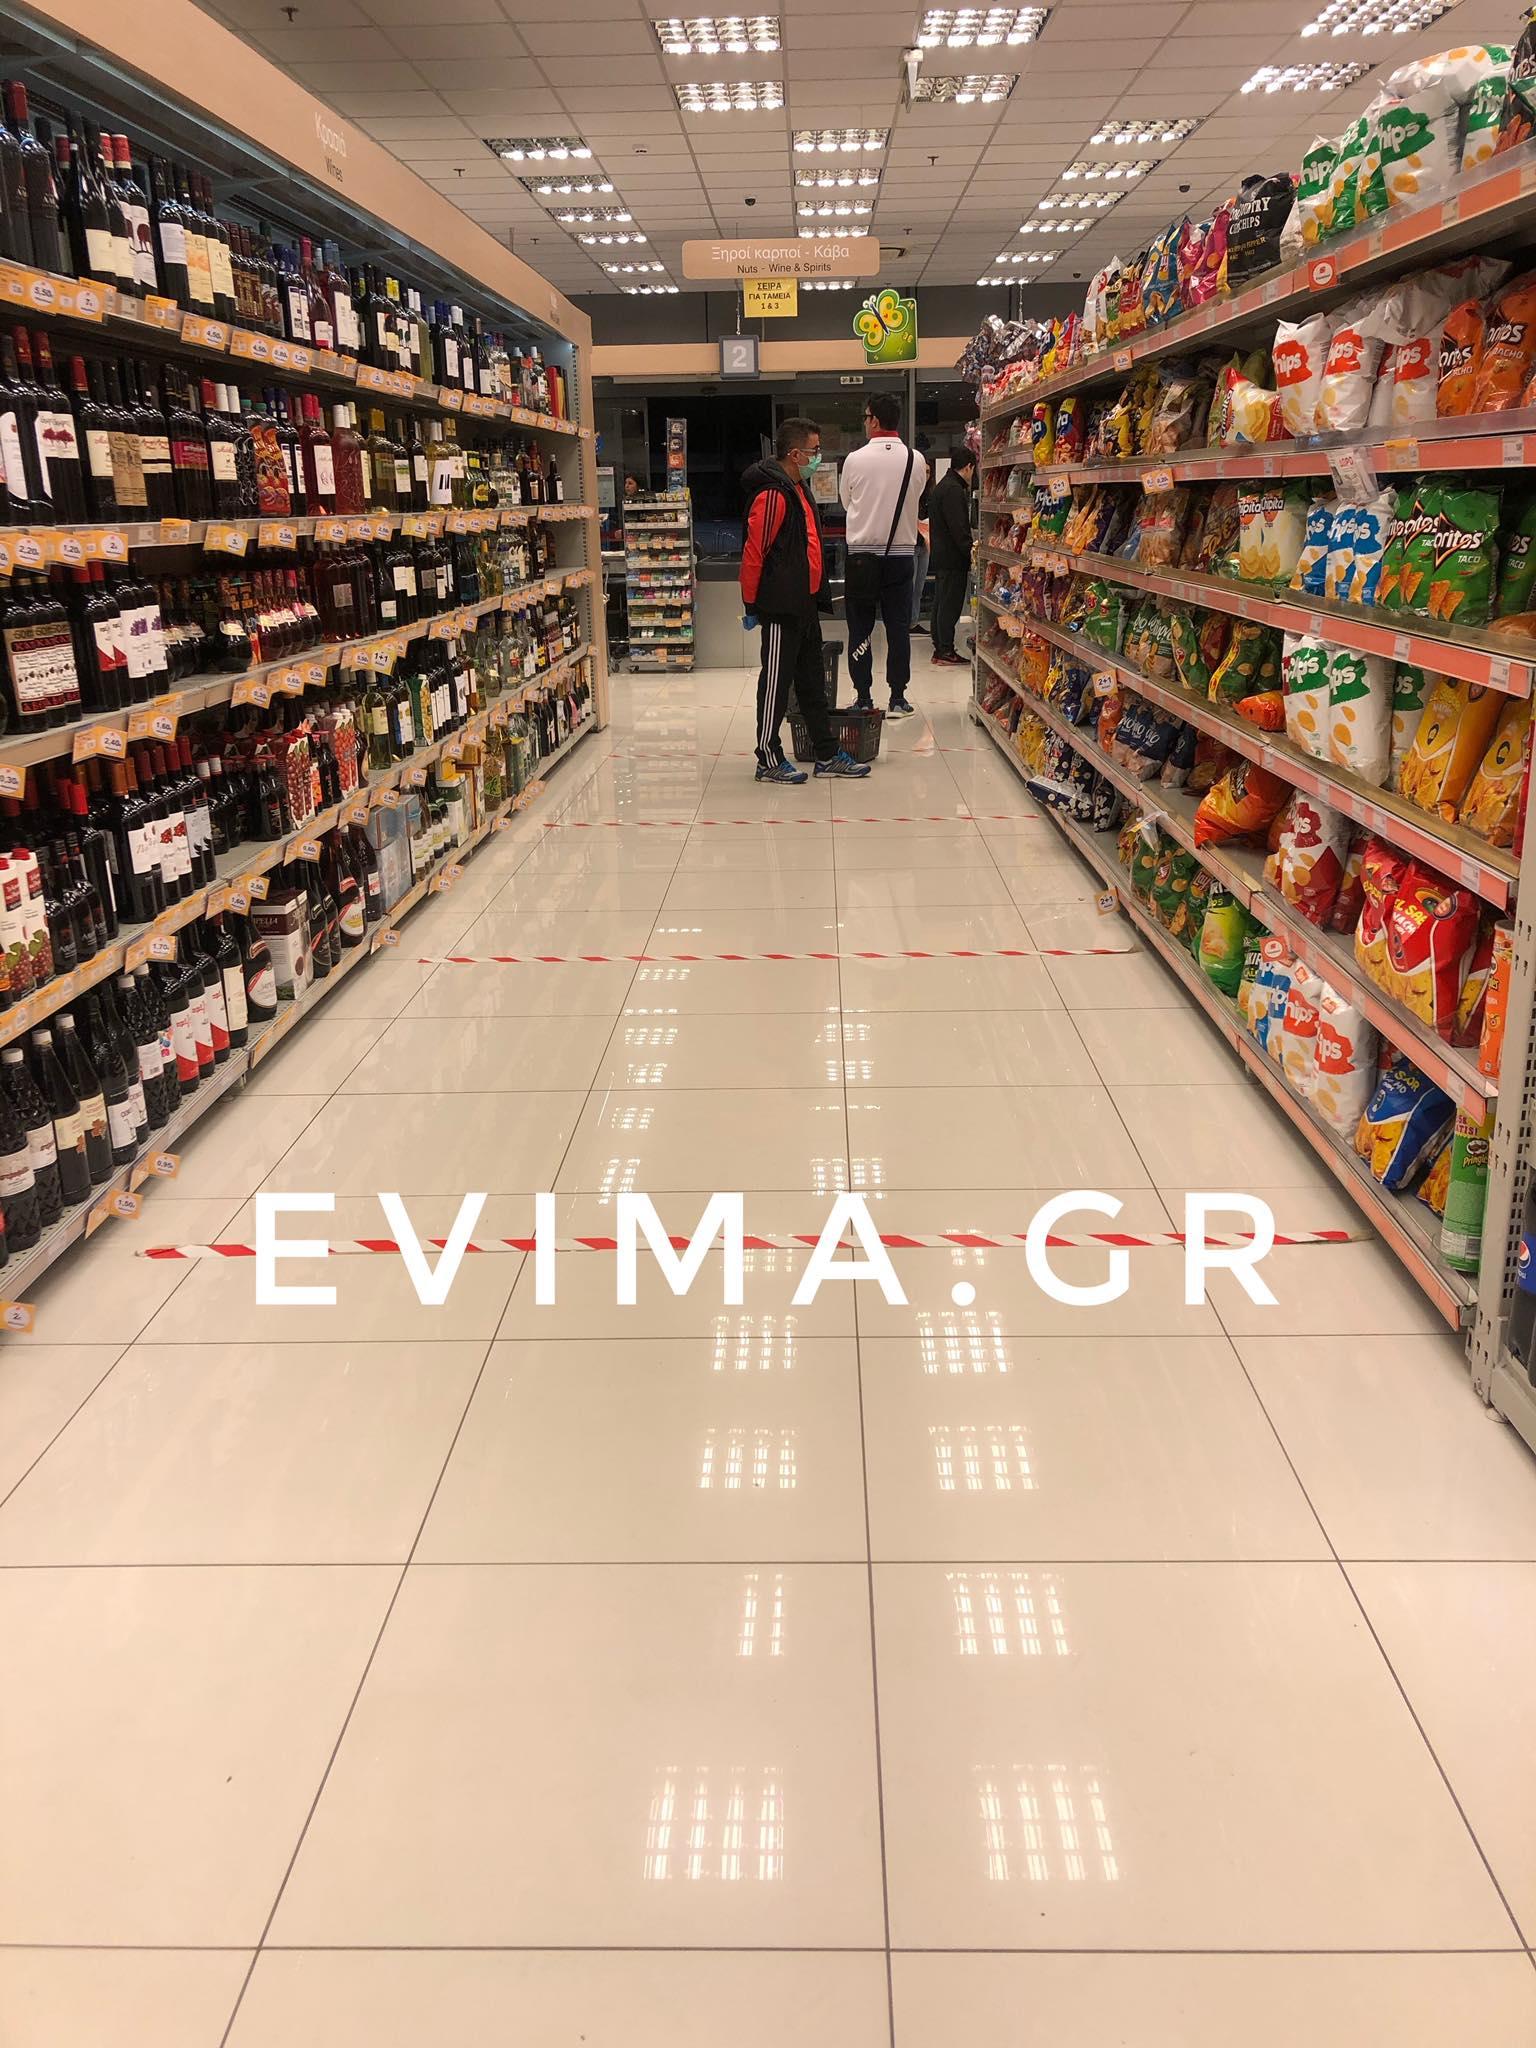 Σούπερ μάρκετ: Πώς θα λειτουργήσουν την Κυριακή 3/3/21 τα σούπερ μάρκετ